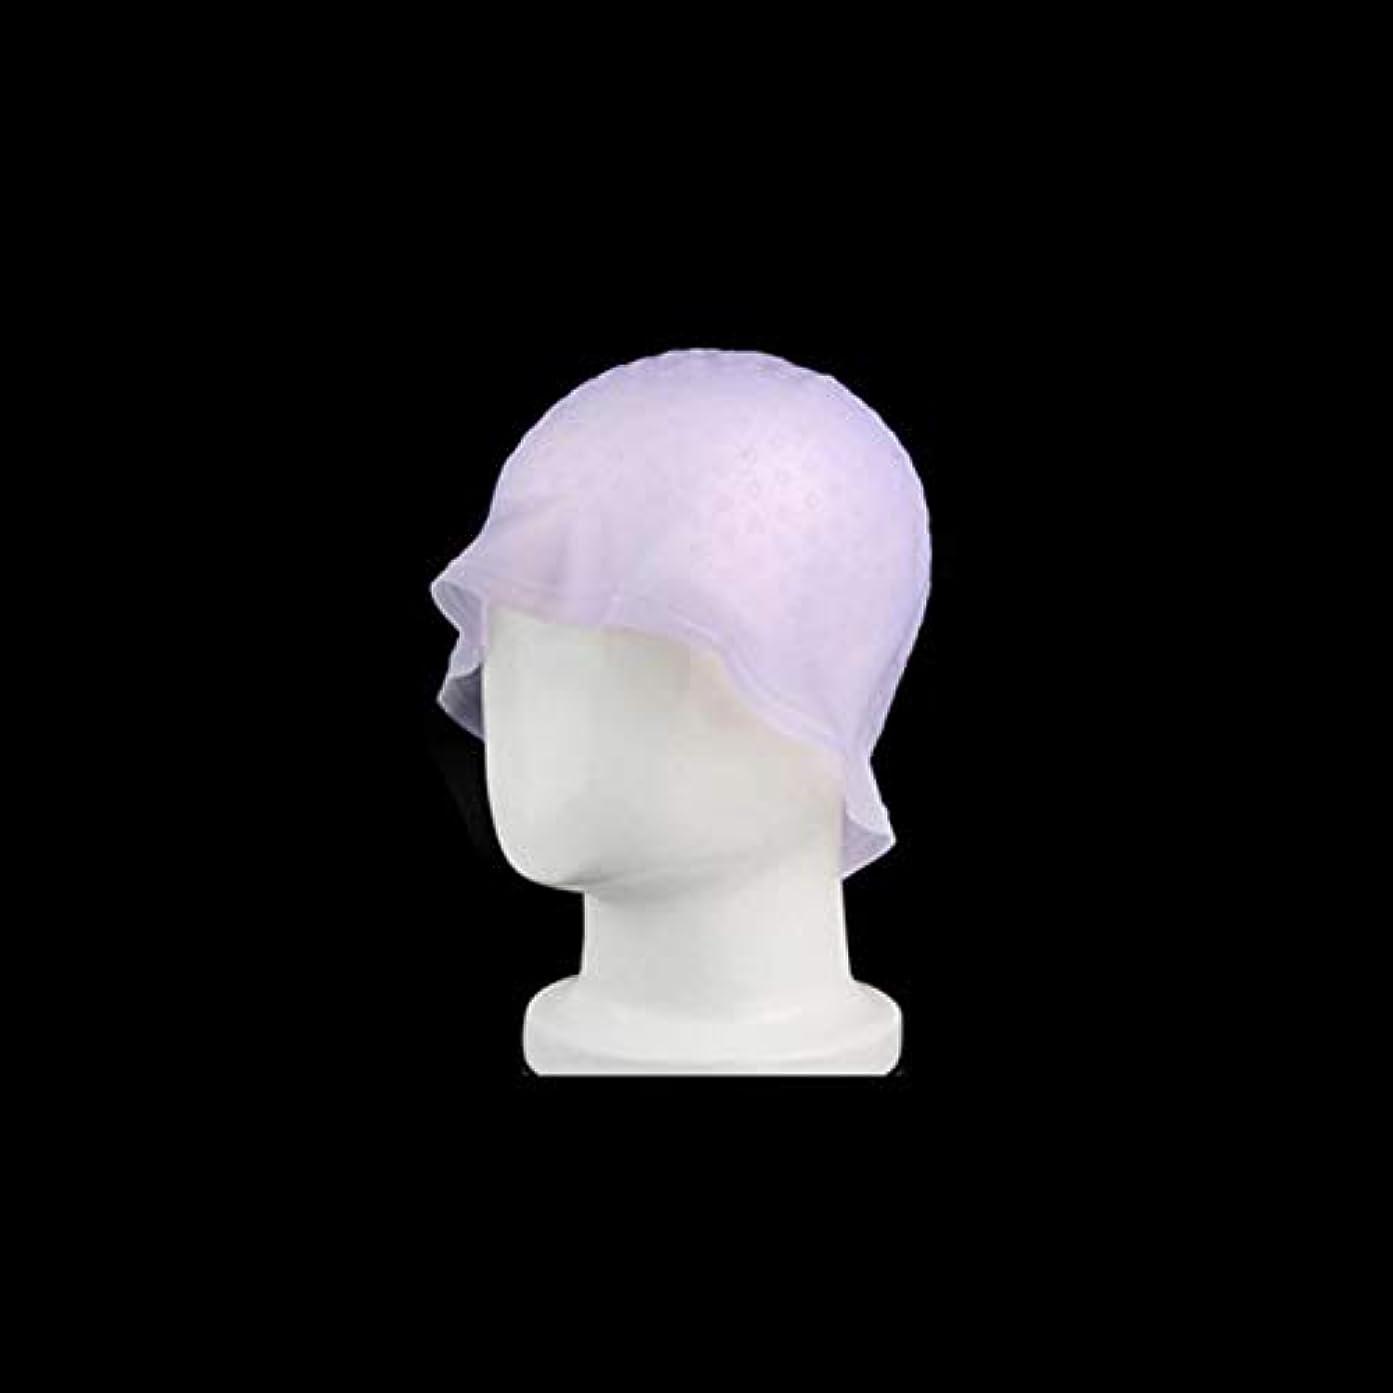 生命体そこからとまり木DOMO カラーダイキャップ 染毛キャップ エコ サロン ヘア染めツール 再利用可能 染色用 ハイライト 髪染め工具